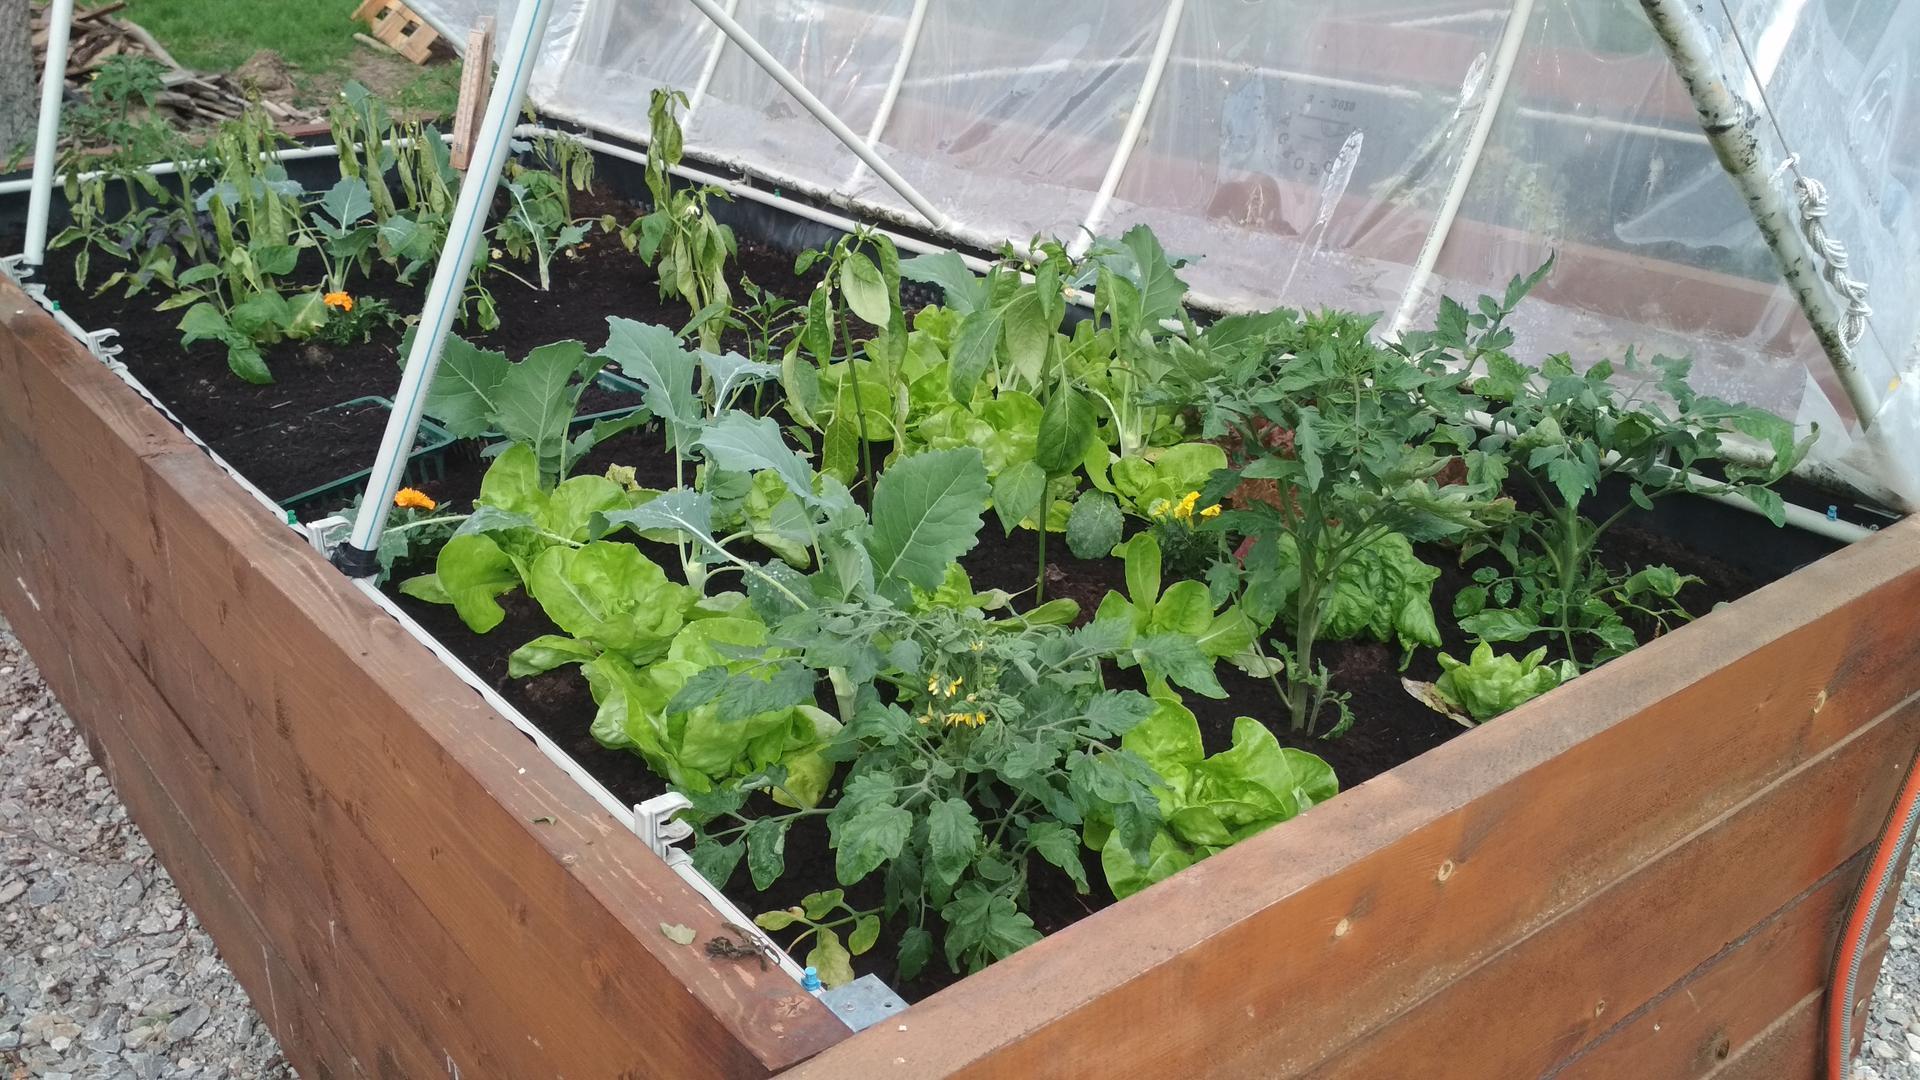 Vyvýšené záhony a úžitková záhrada - sezóna 2021 ... príprava, sadenie, starostlivosť - Obrázok č. 43